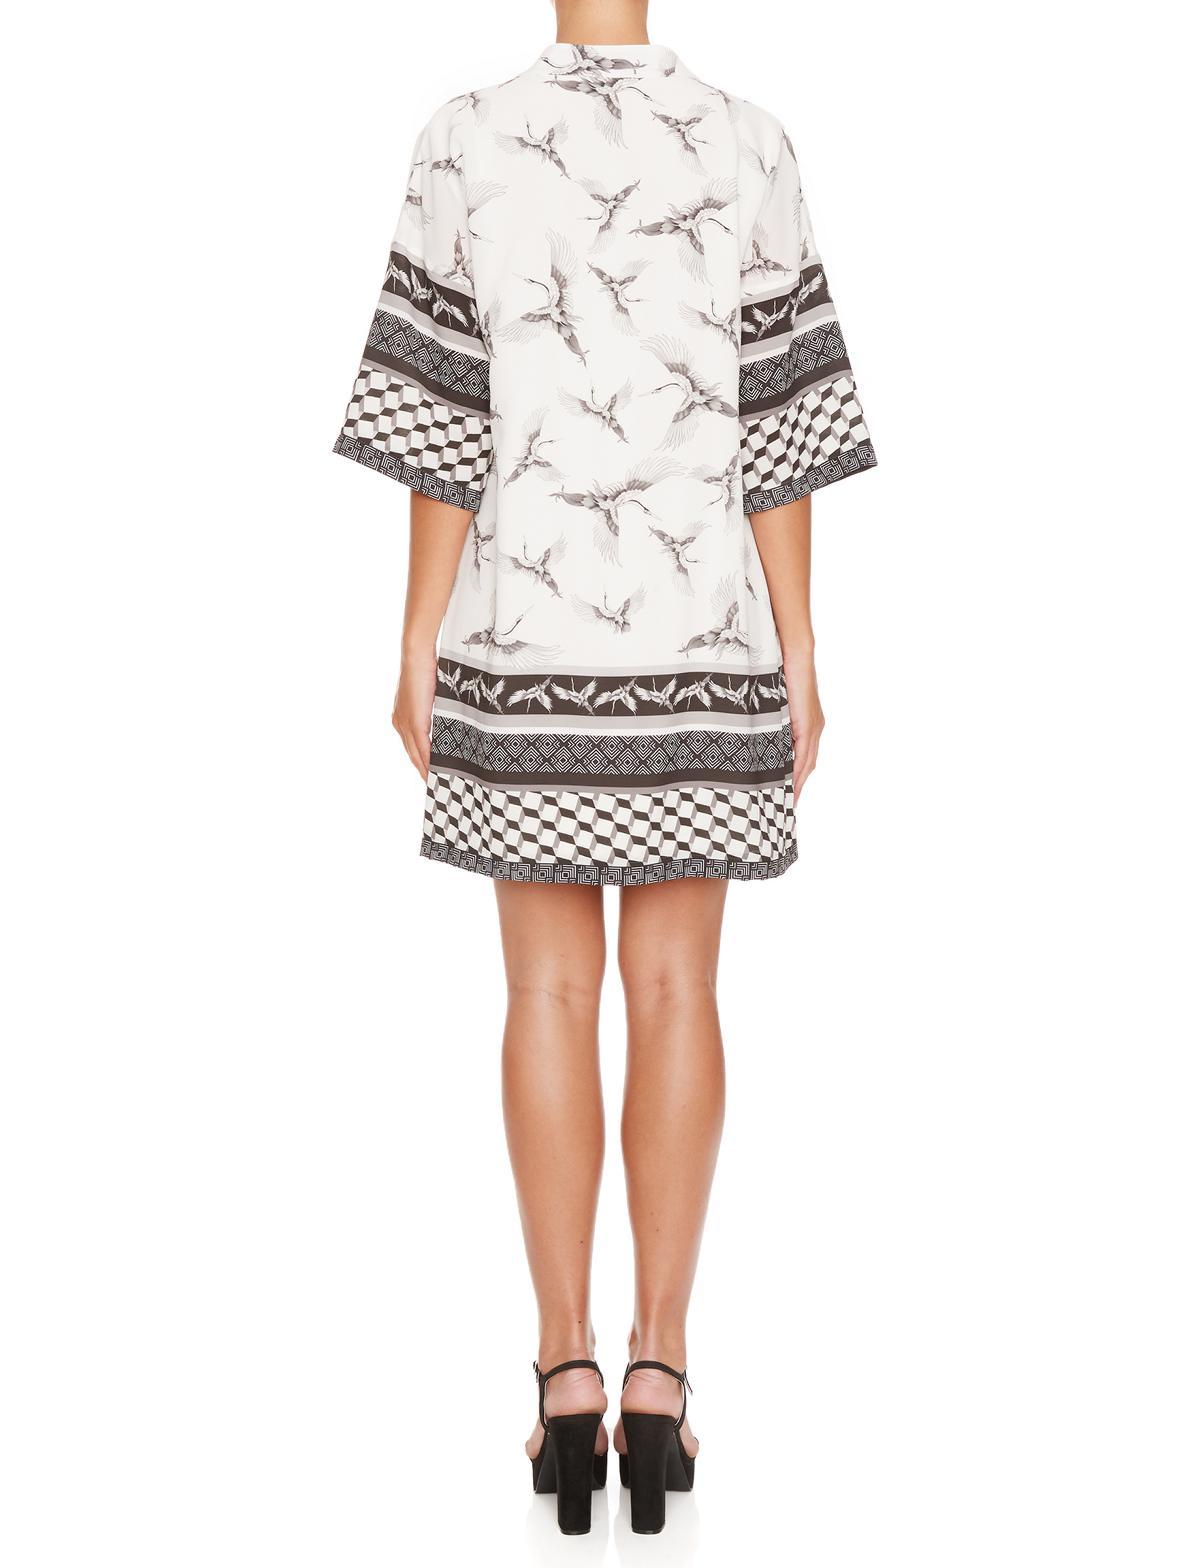 Rückansicht von Ana Alcazar Asia Tunika Kleid Meily White  angezogen an Model